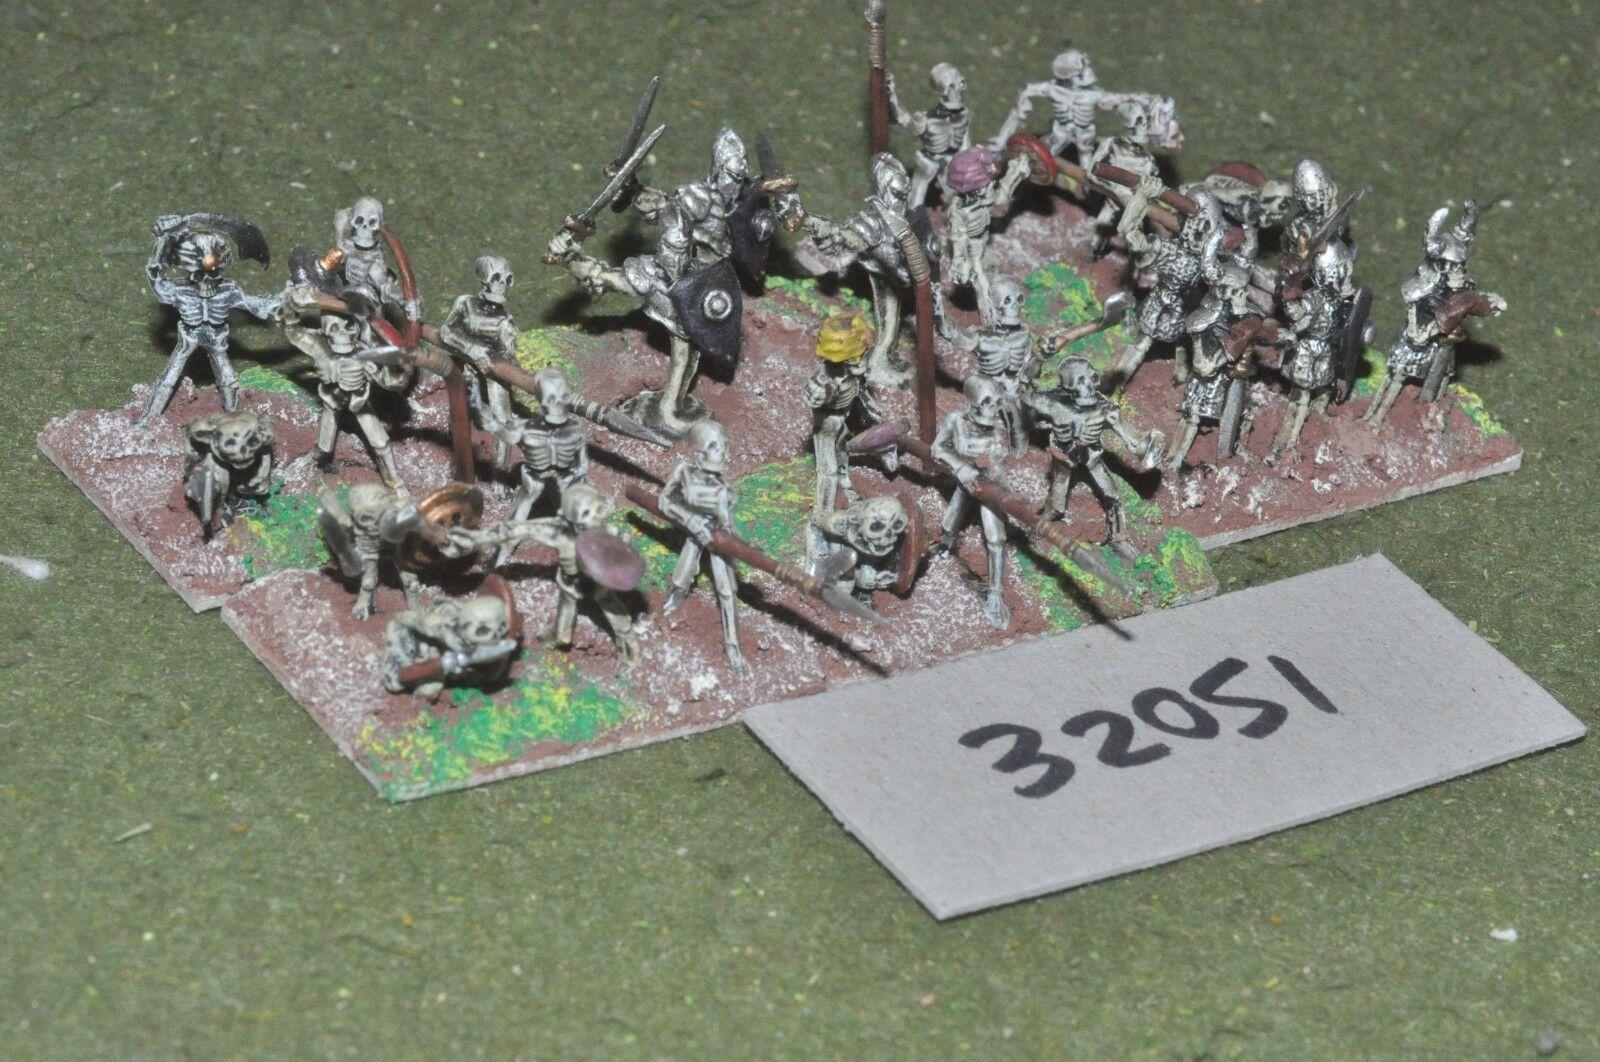 15mm fantasy   skeletons - warband 30 figures - inf (32051)